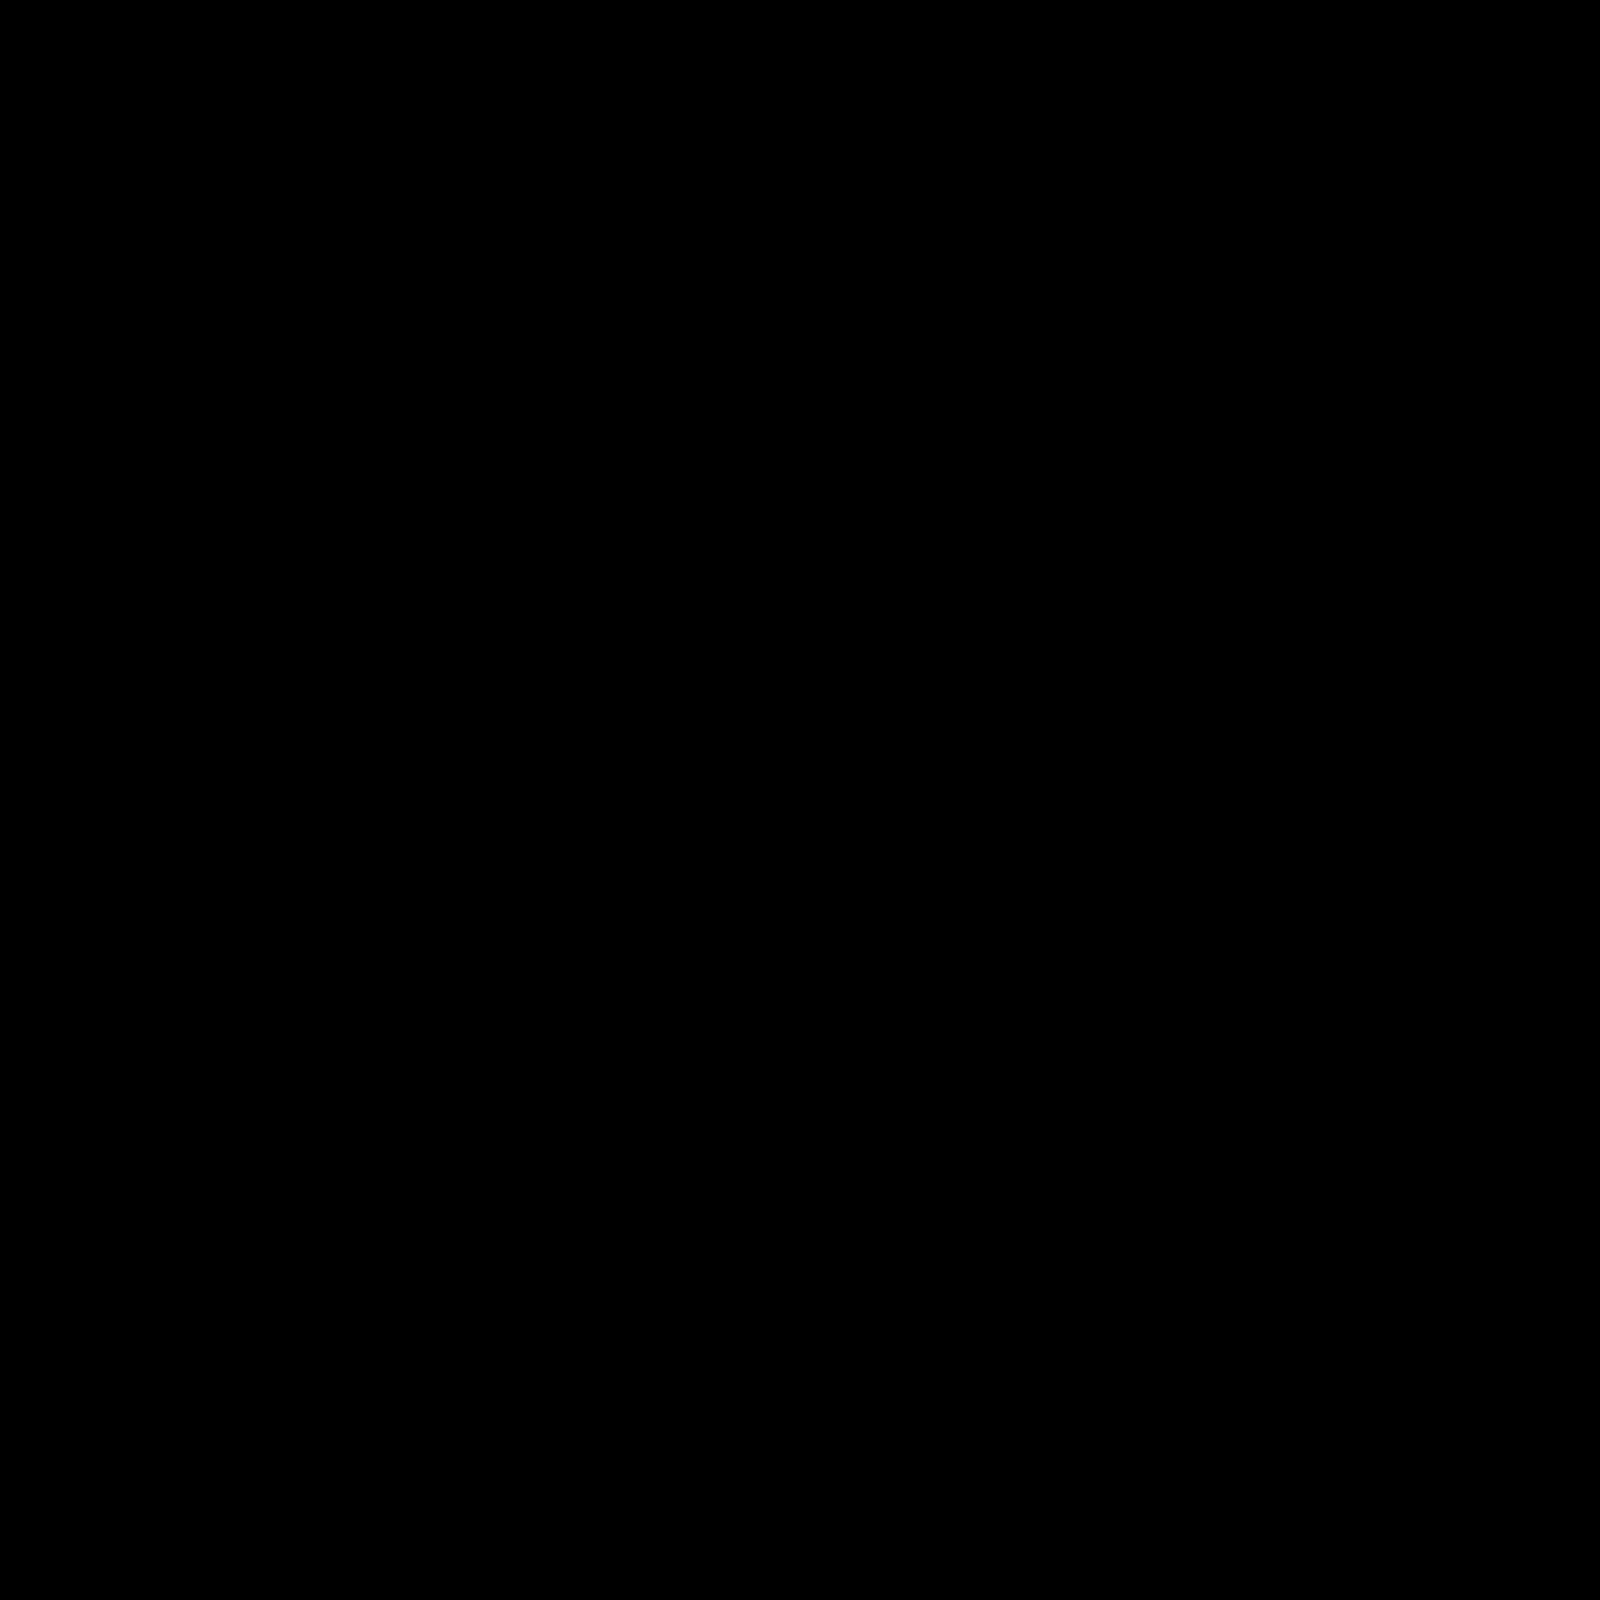 日历27 icon. This is a logo for a calendar. The shape of the calendar is a typical flip daily calendar: it is a square displaying only one number (the date). It displays the number 27 in the center of it.